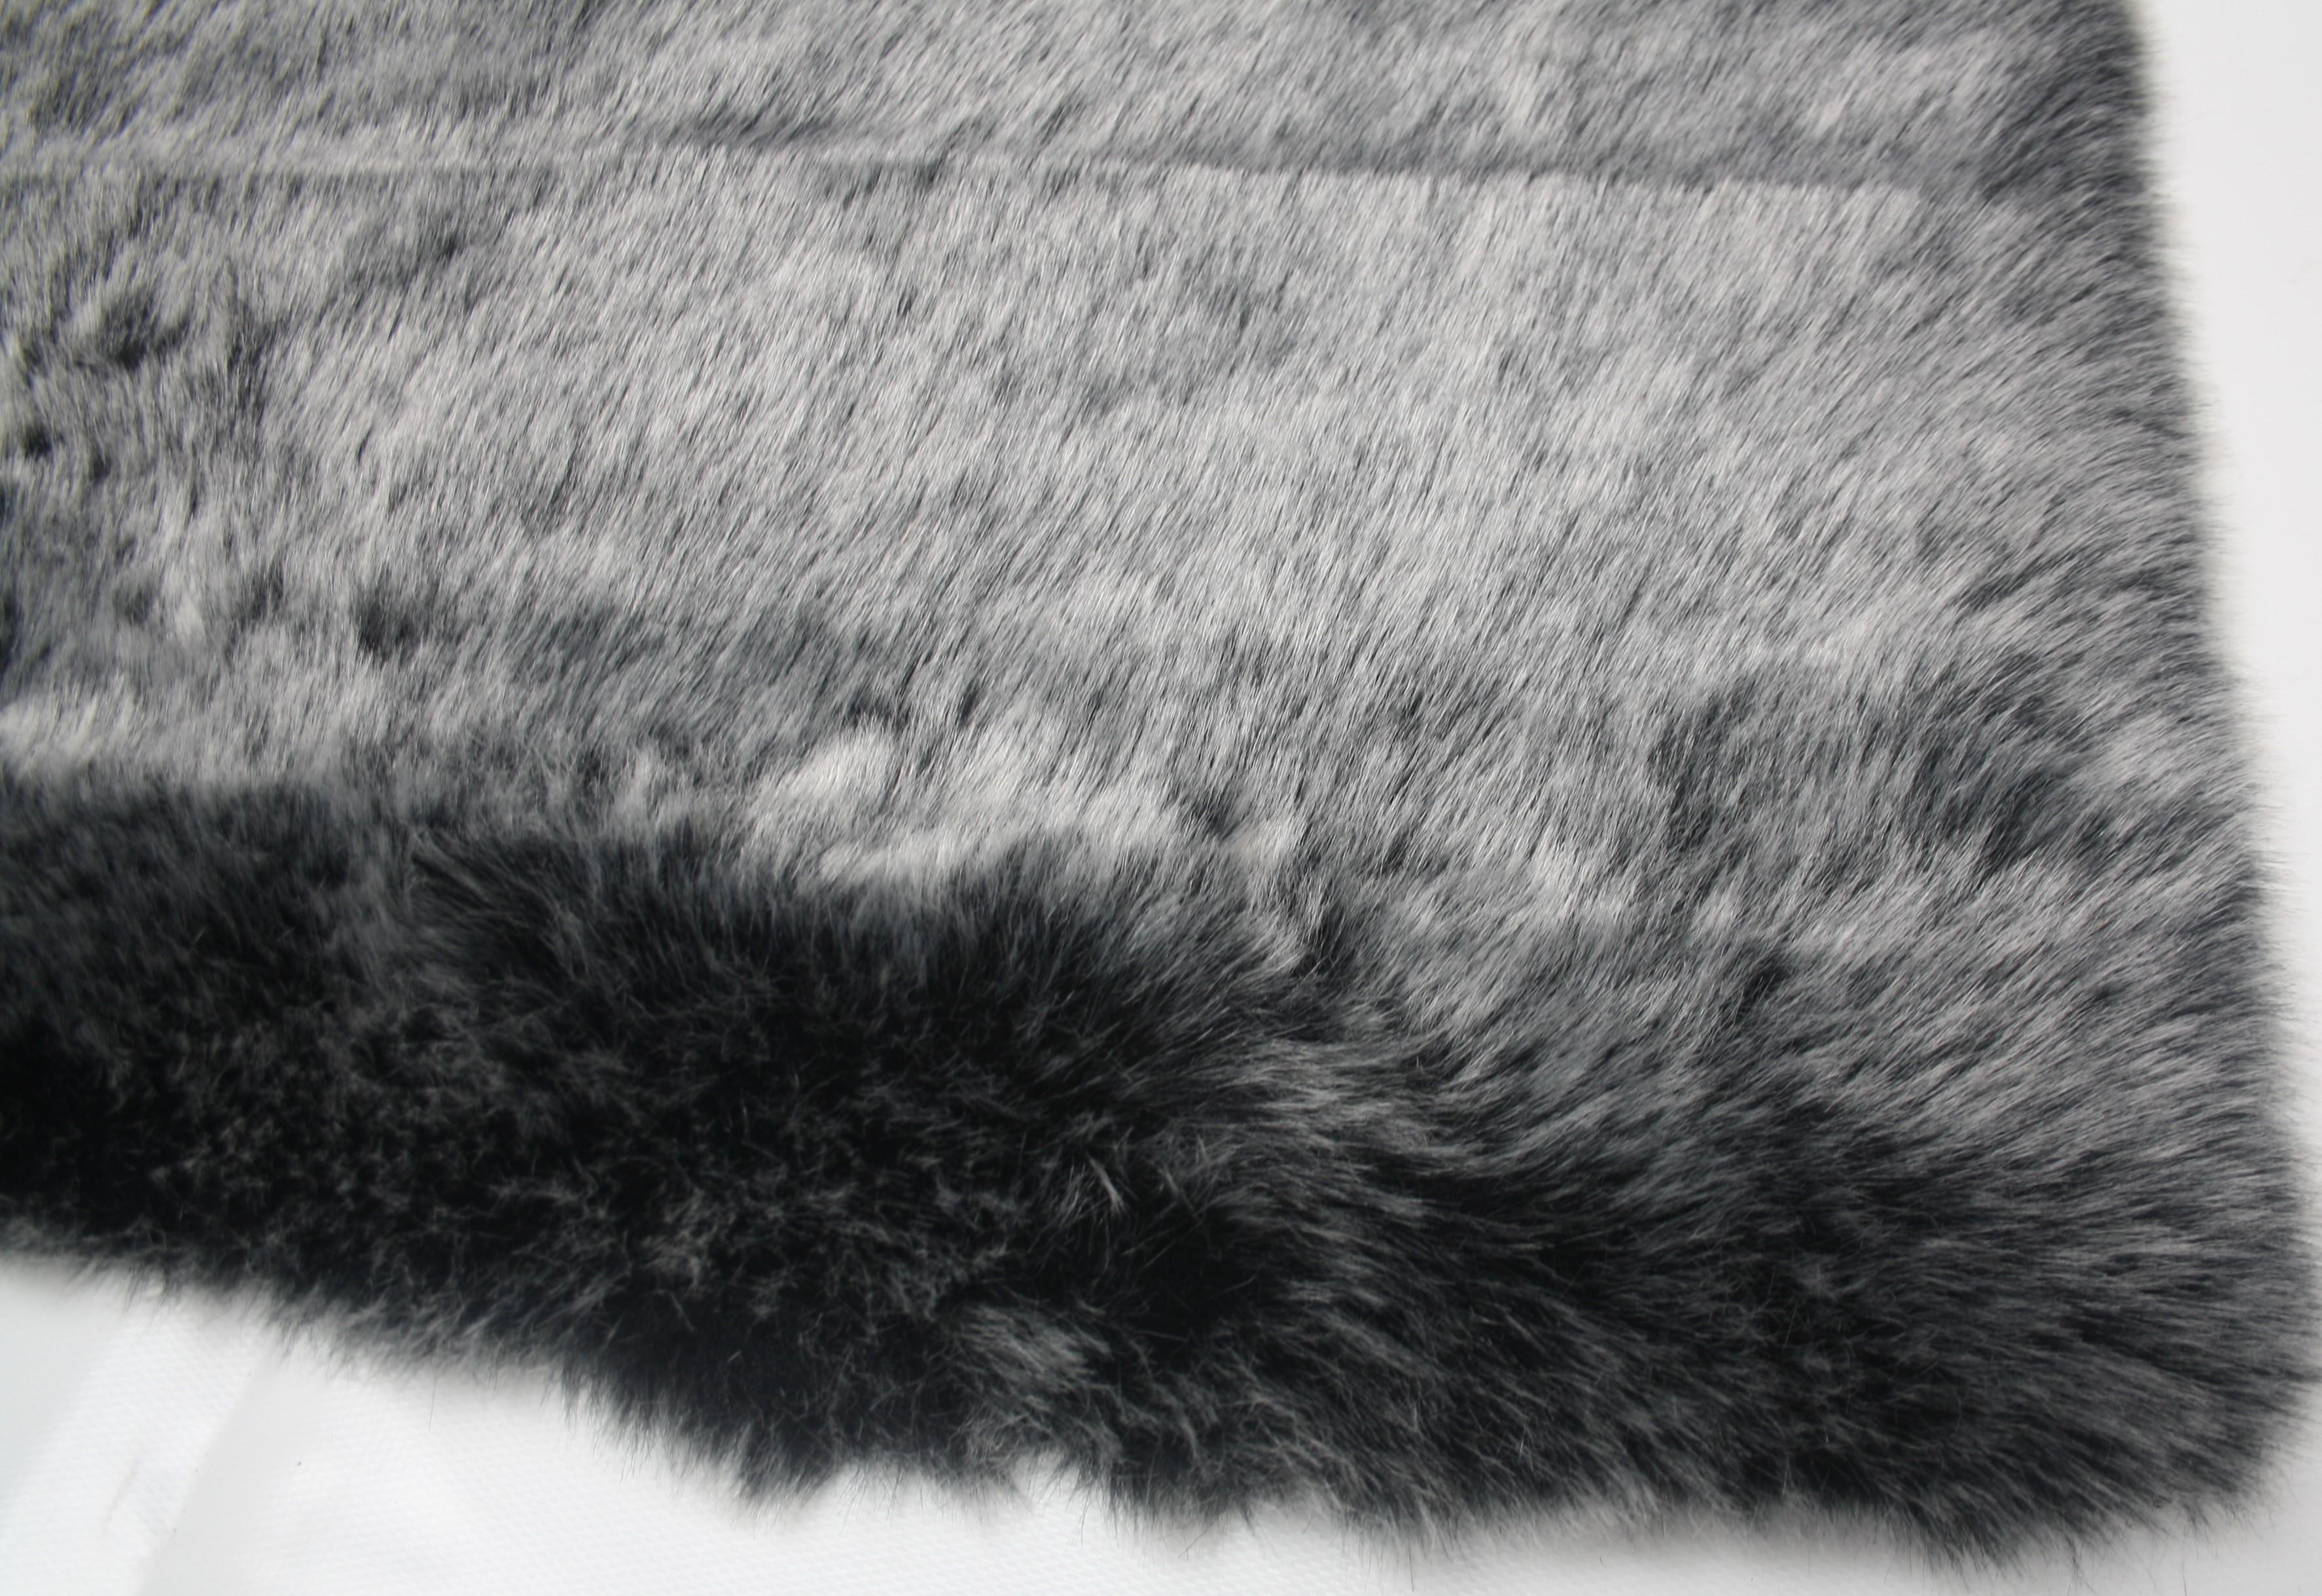 Hoogpolig karpet in de vorm van een schapenvacht en als rechthoek voor een warm gevoel tijdens de winter.